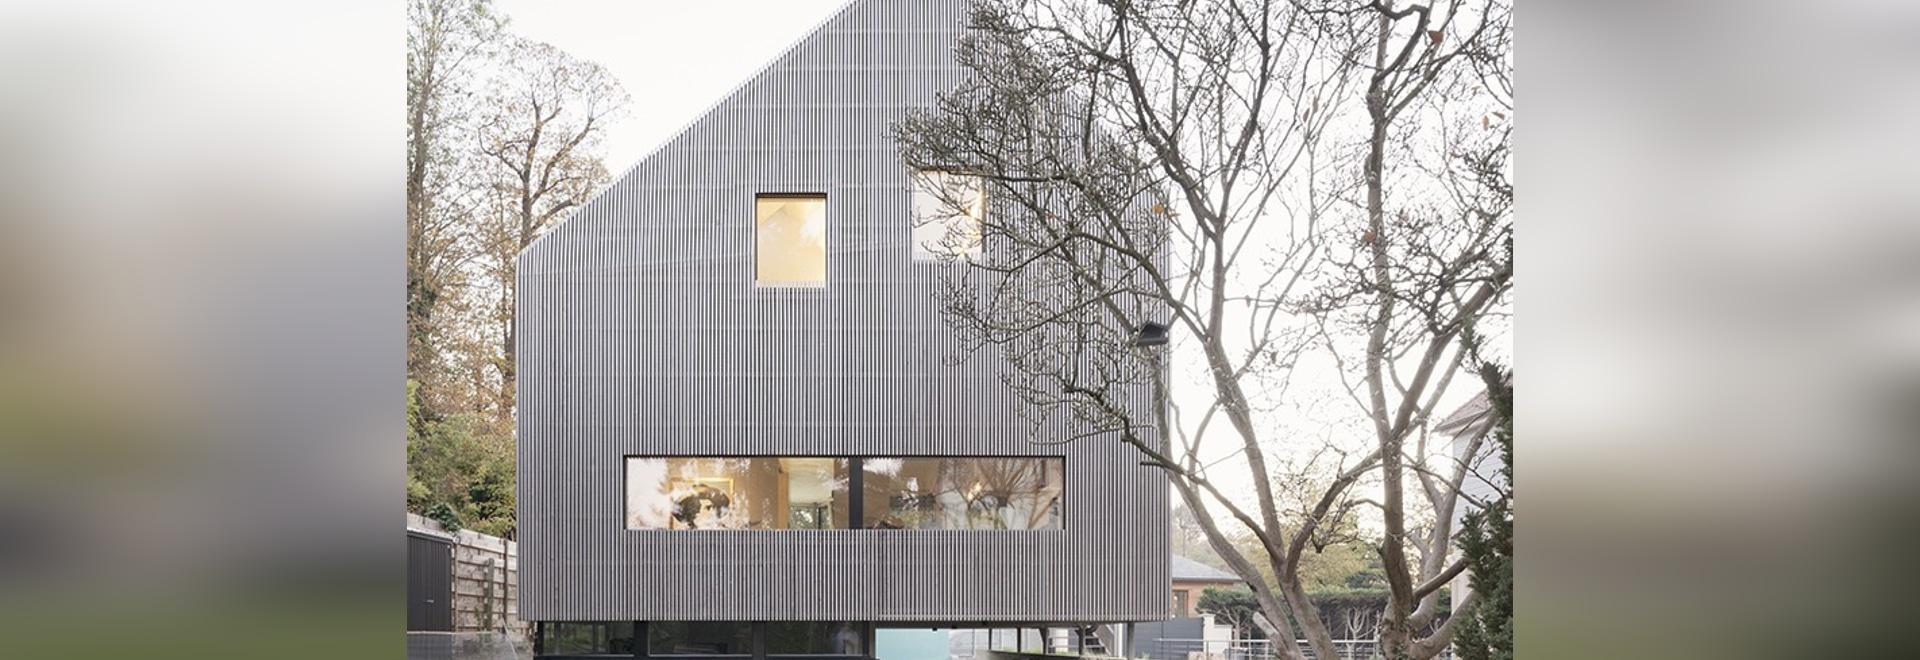 karawitz wickelt asymetrisches Haus völlig im grauen Lärchenholz in Frankreich ein